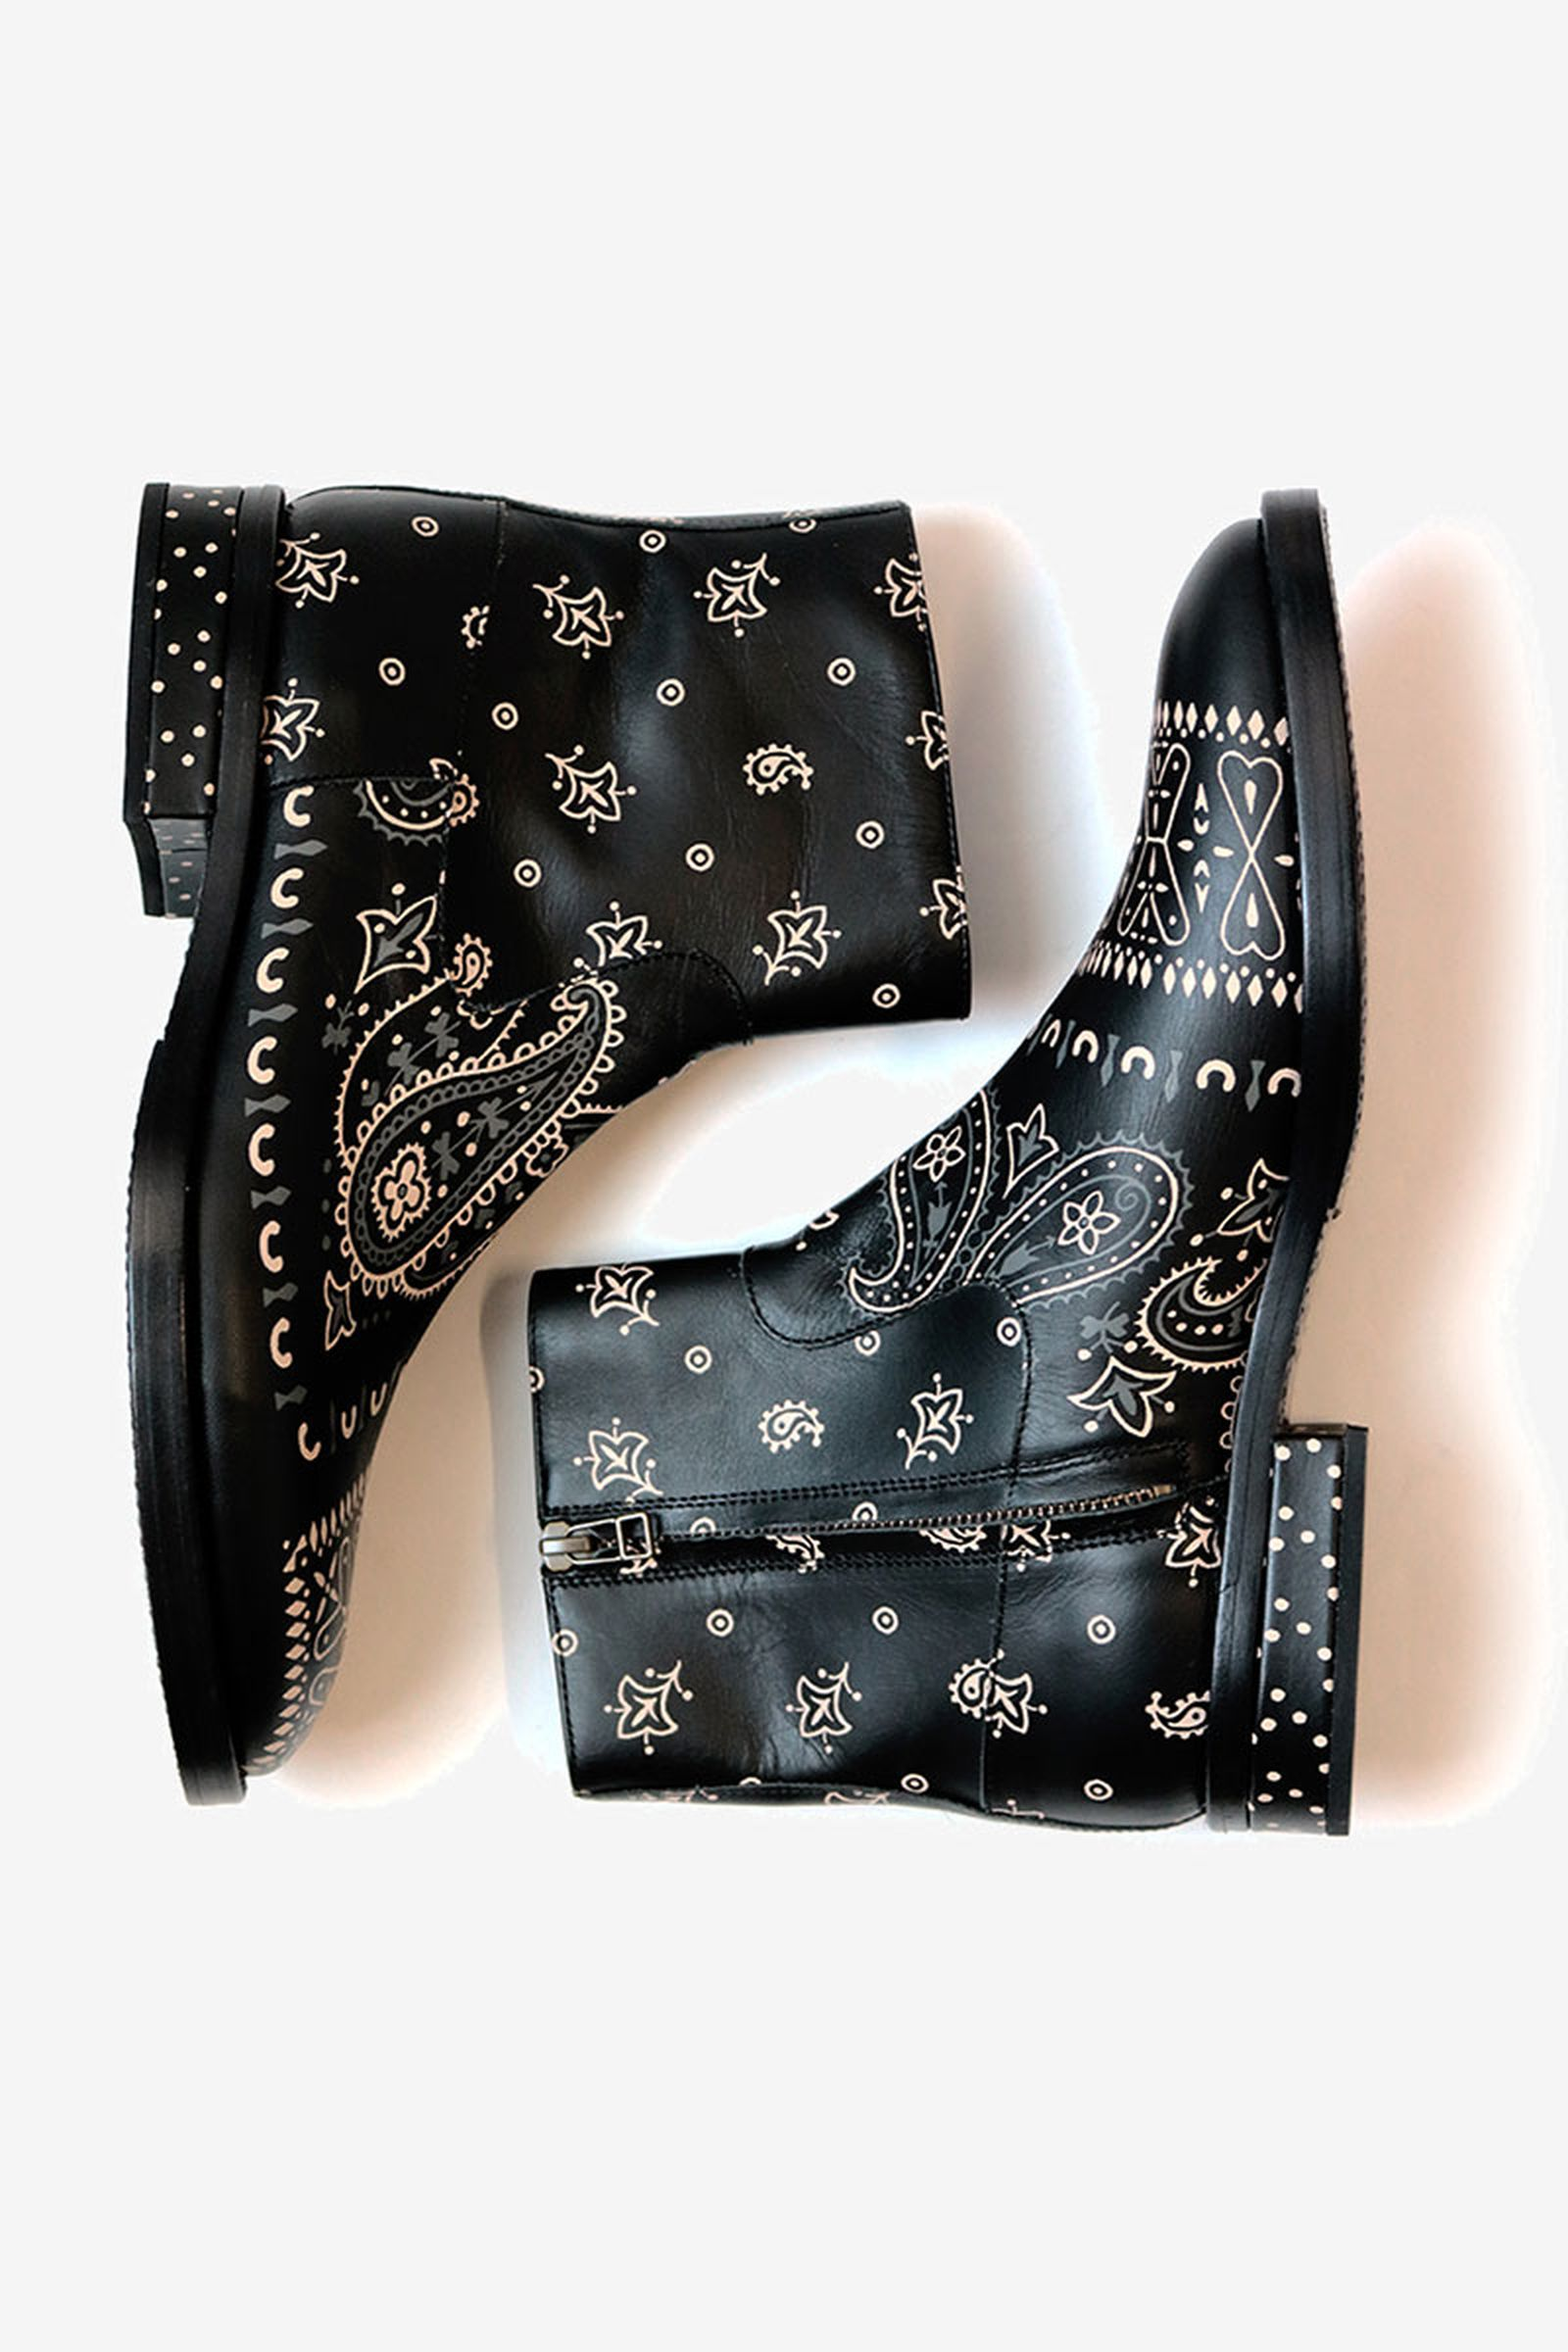 Kapital bandana boots